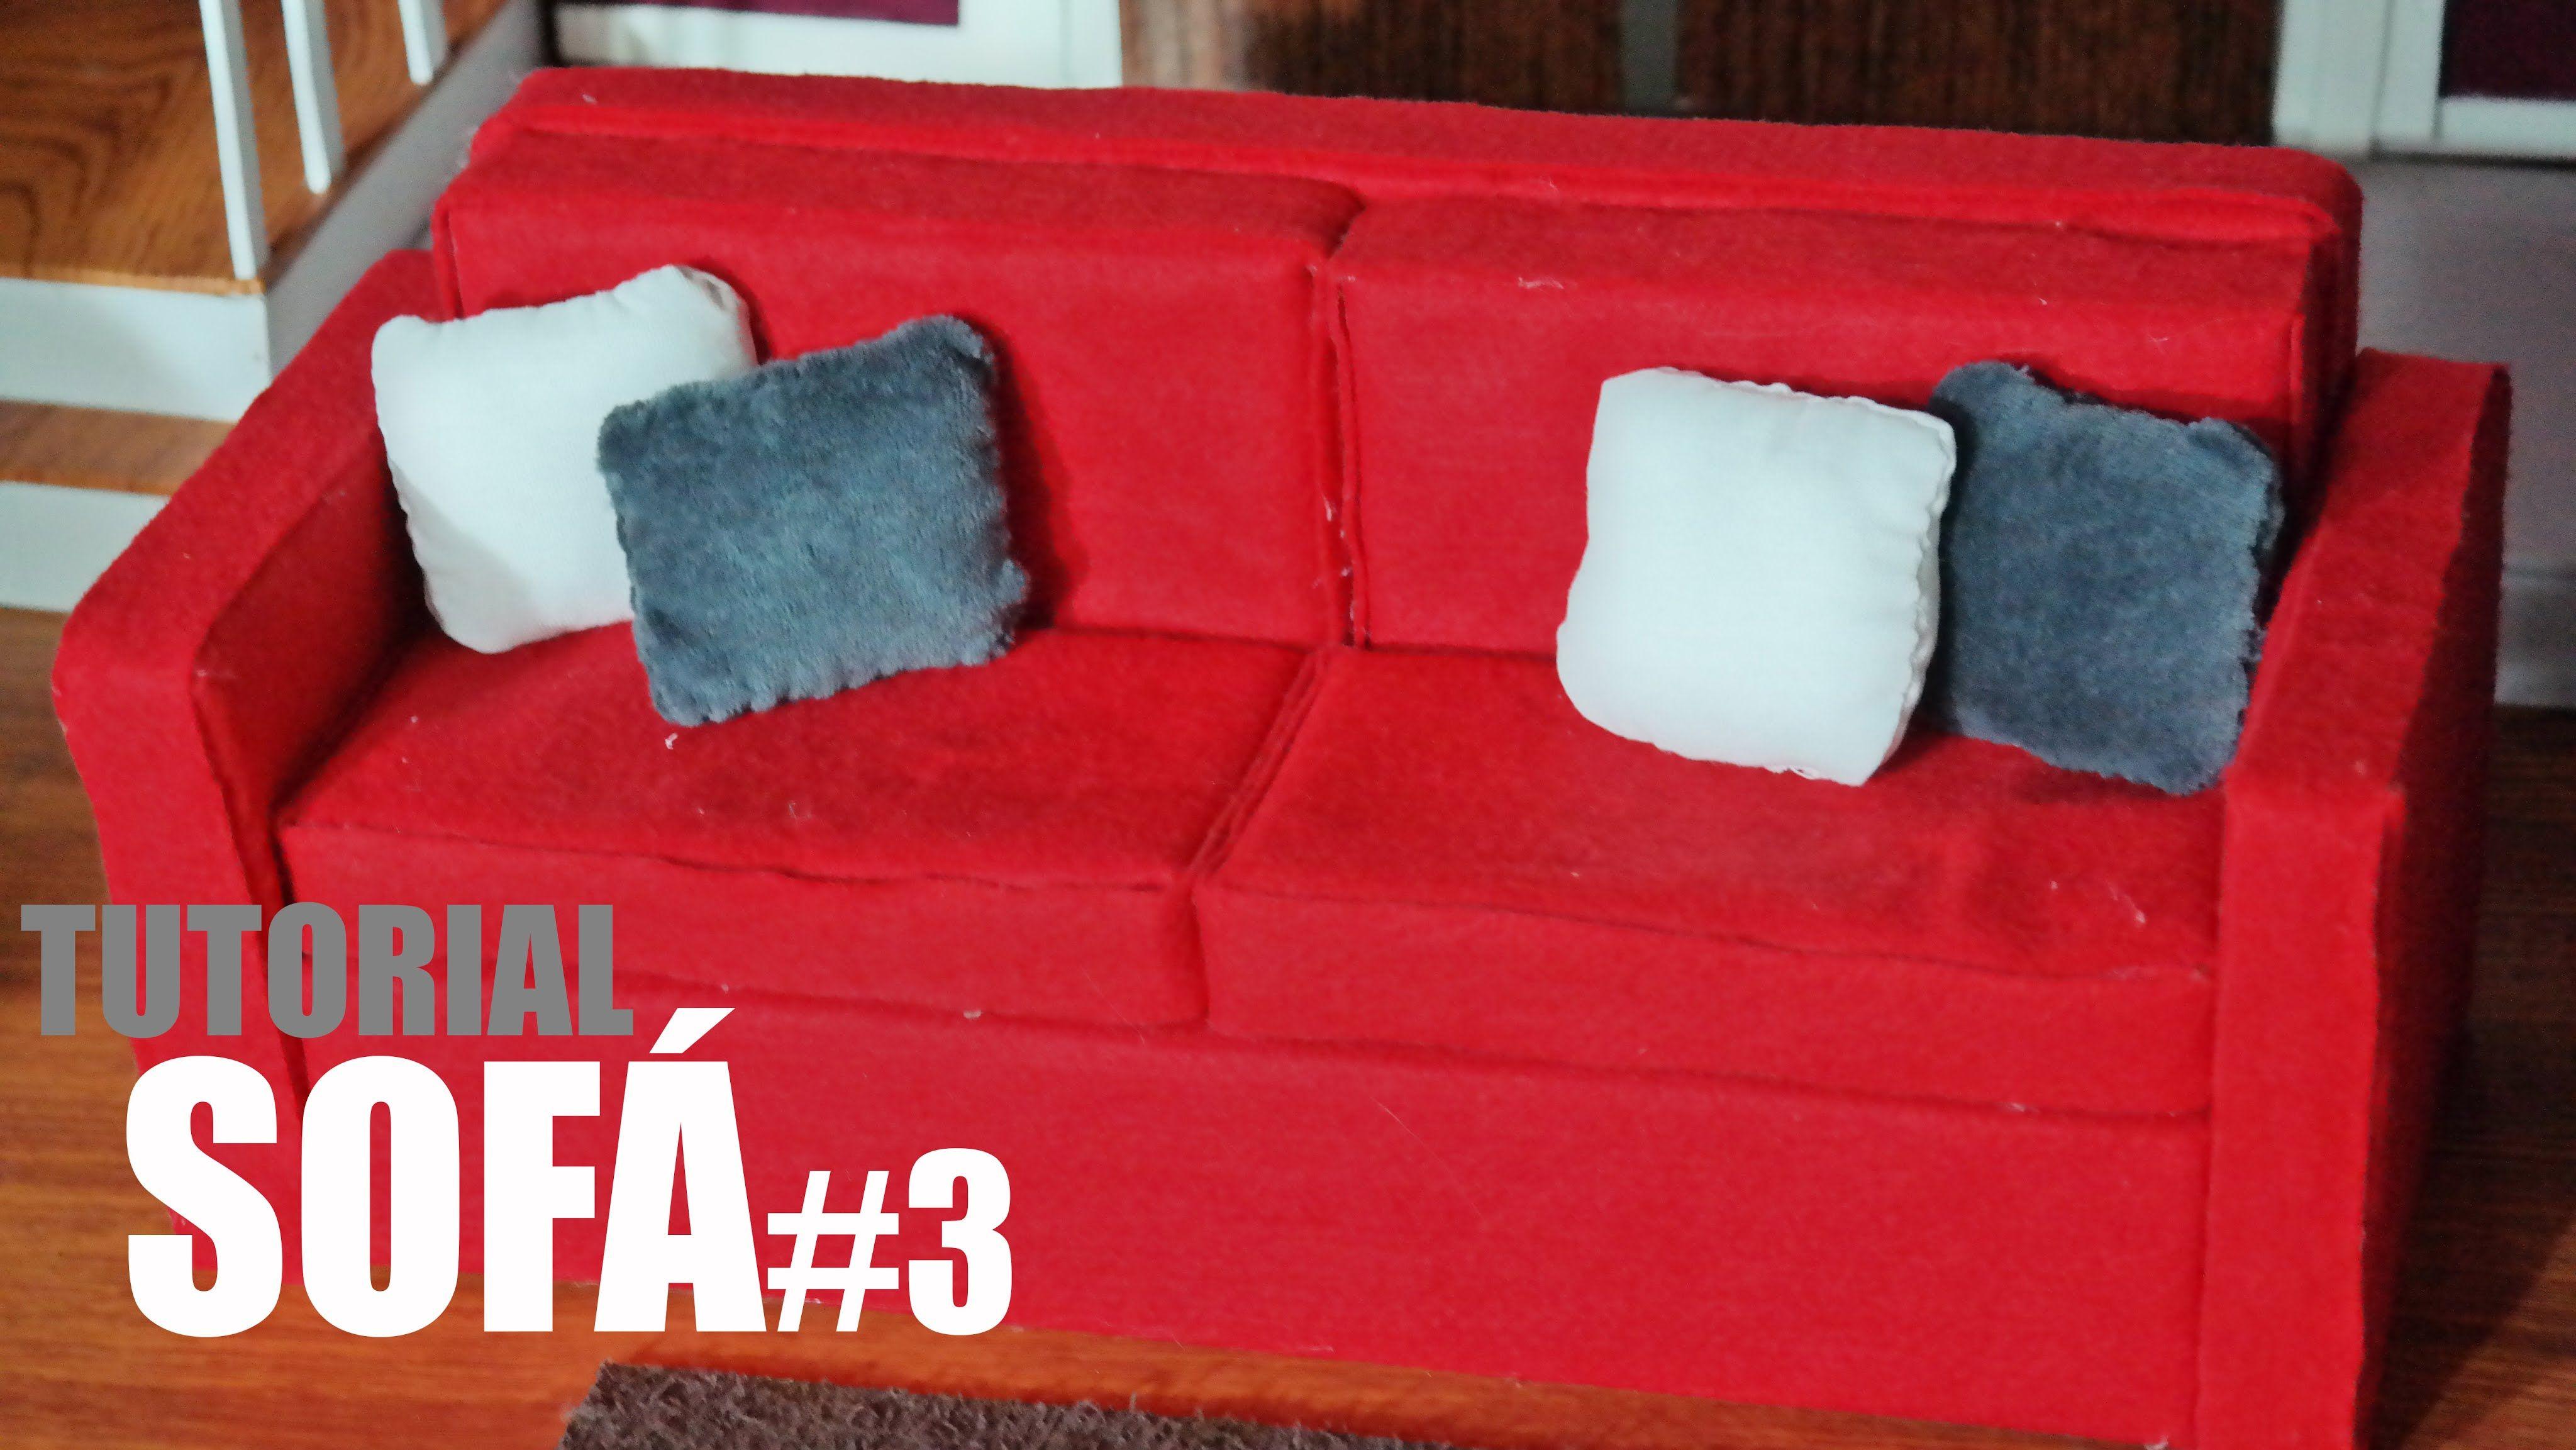 Tutorial Barbie - Como fazer um Sofá #3 para sua Barbie, Monster High, E...